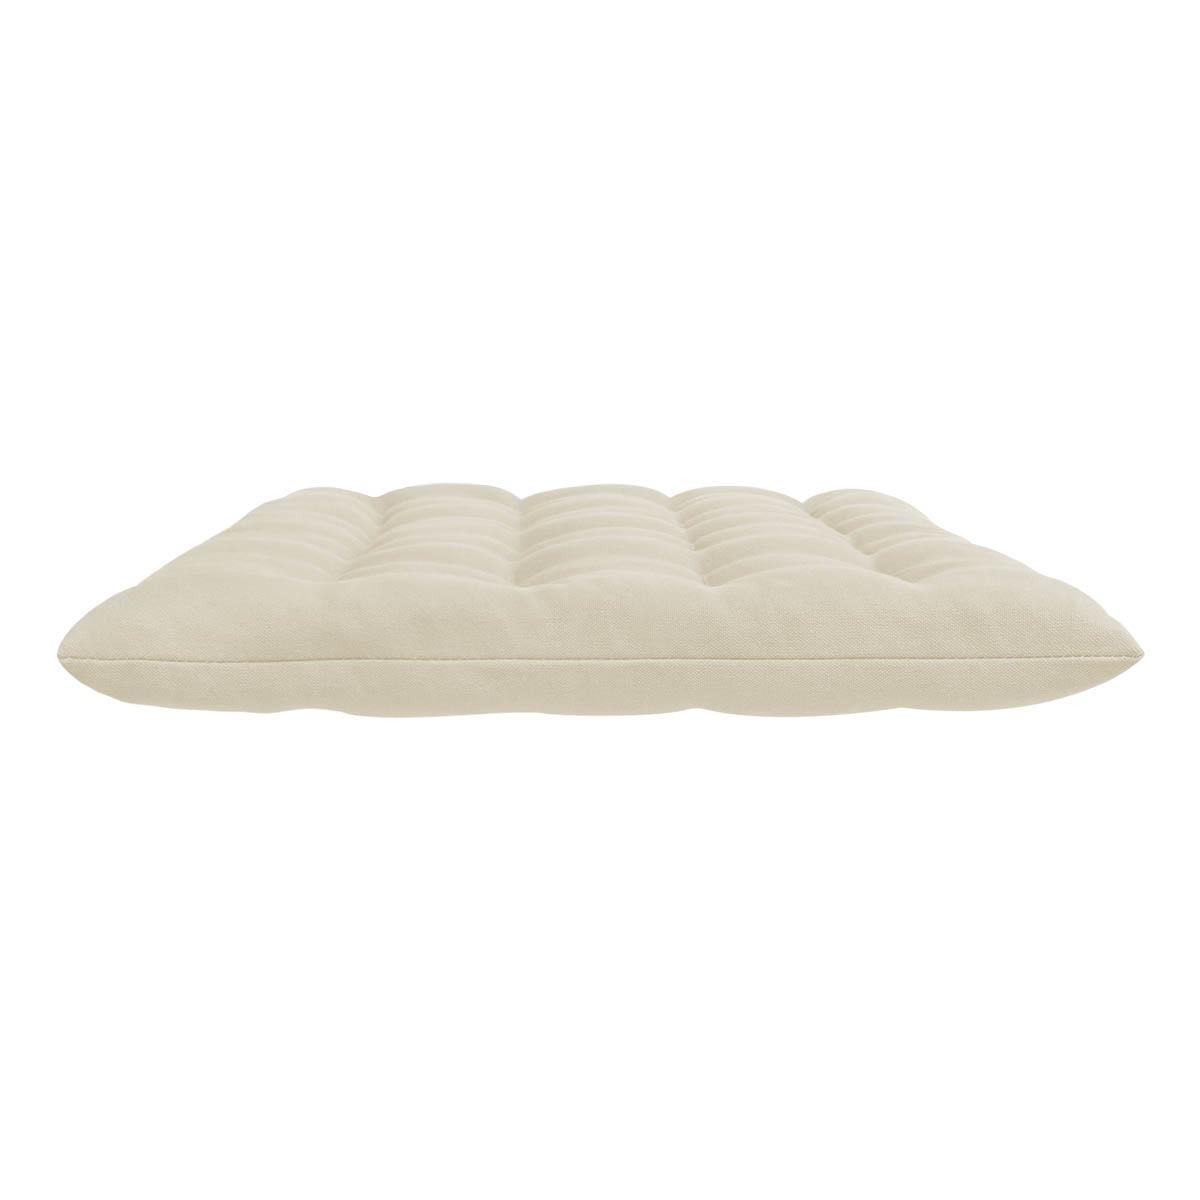 almofada almofada para cadeira 16.jpg #7F724C 1200x1200